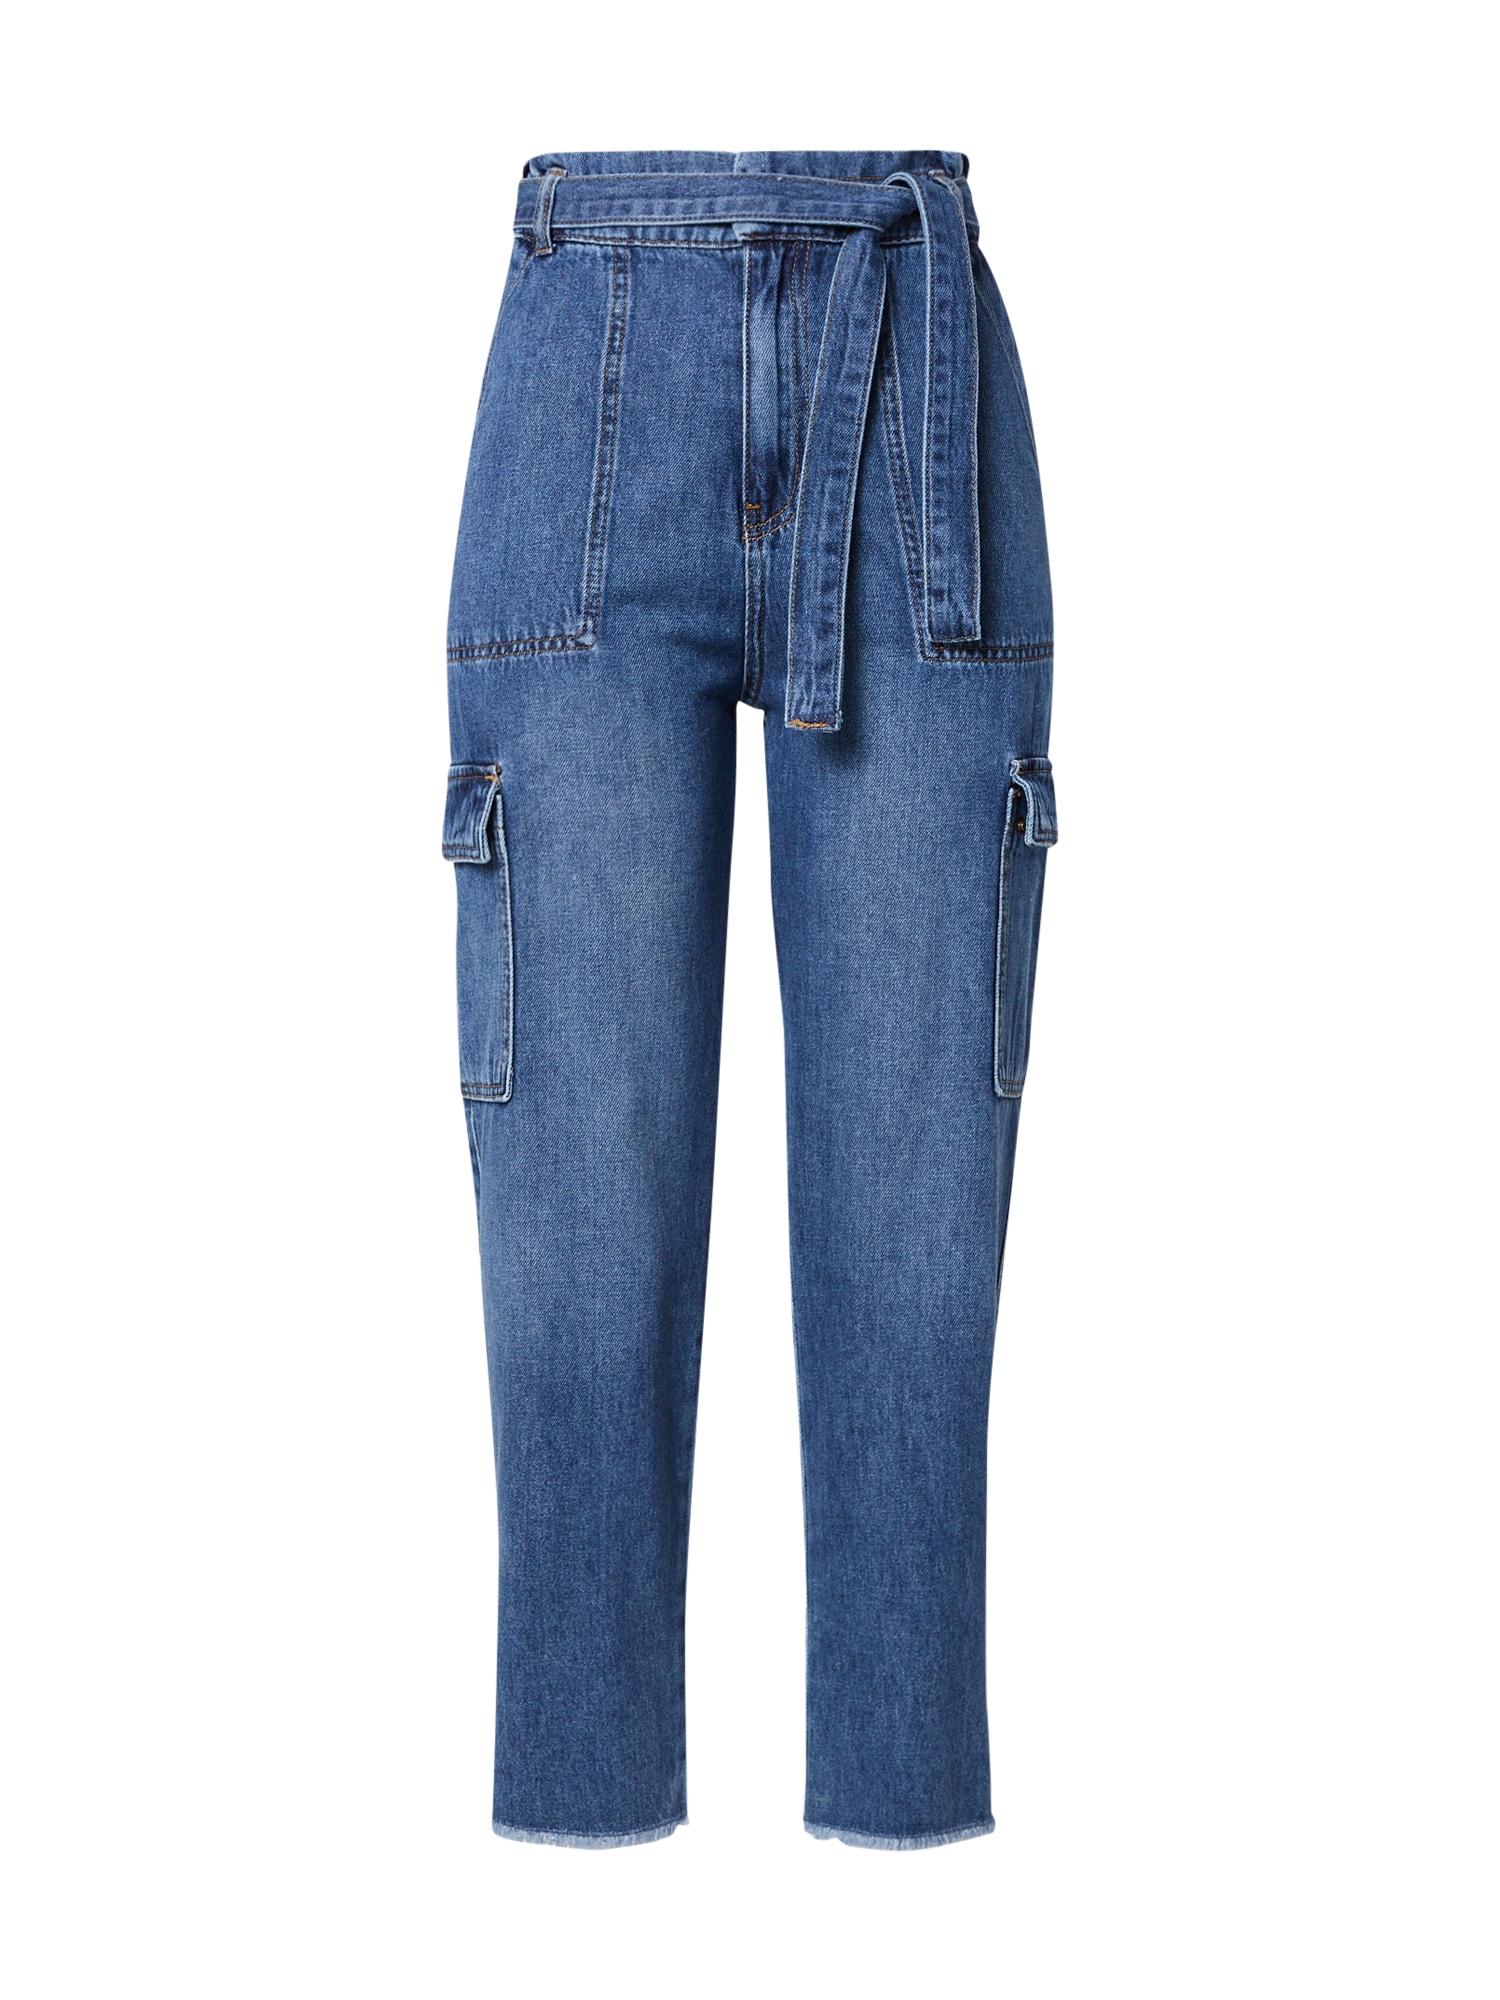 LTB Darbinio stiliaus džinsai